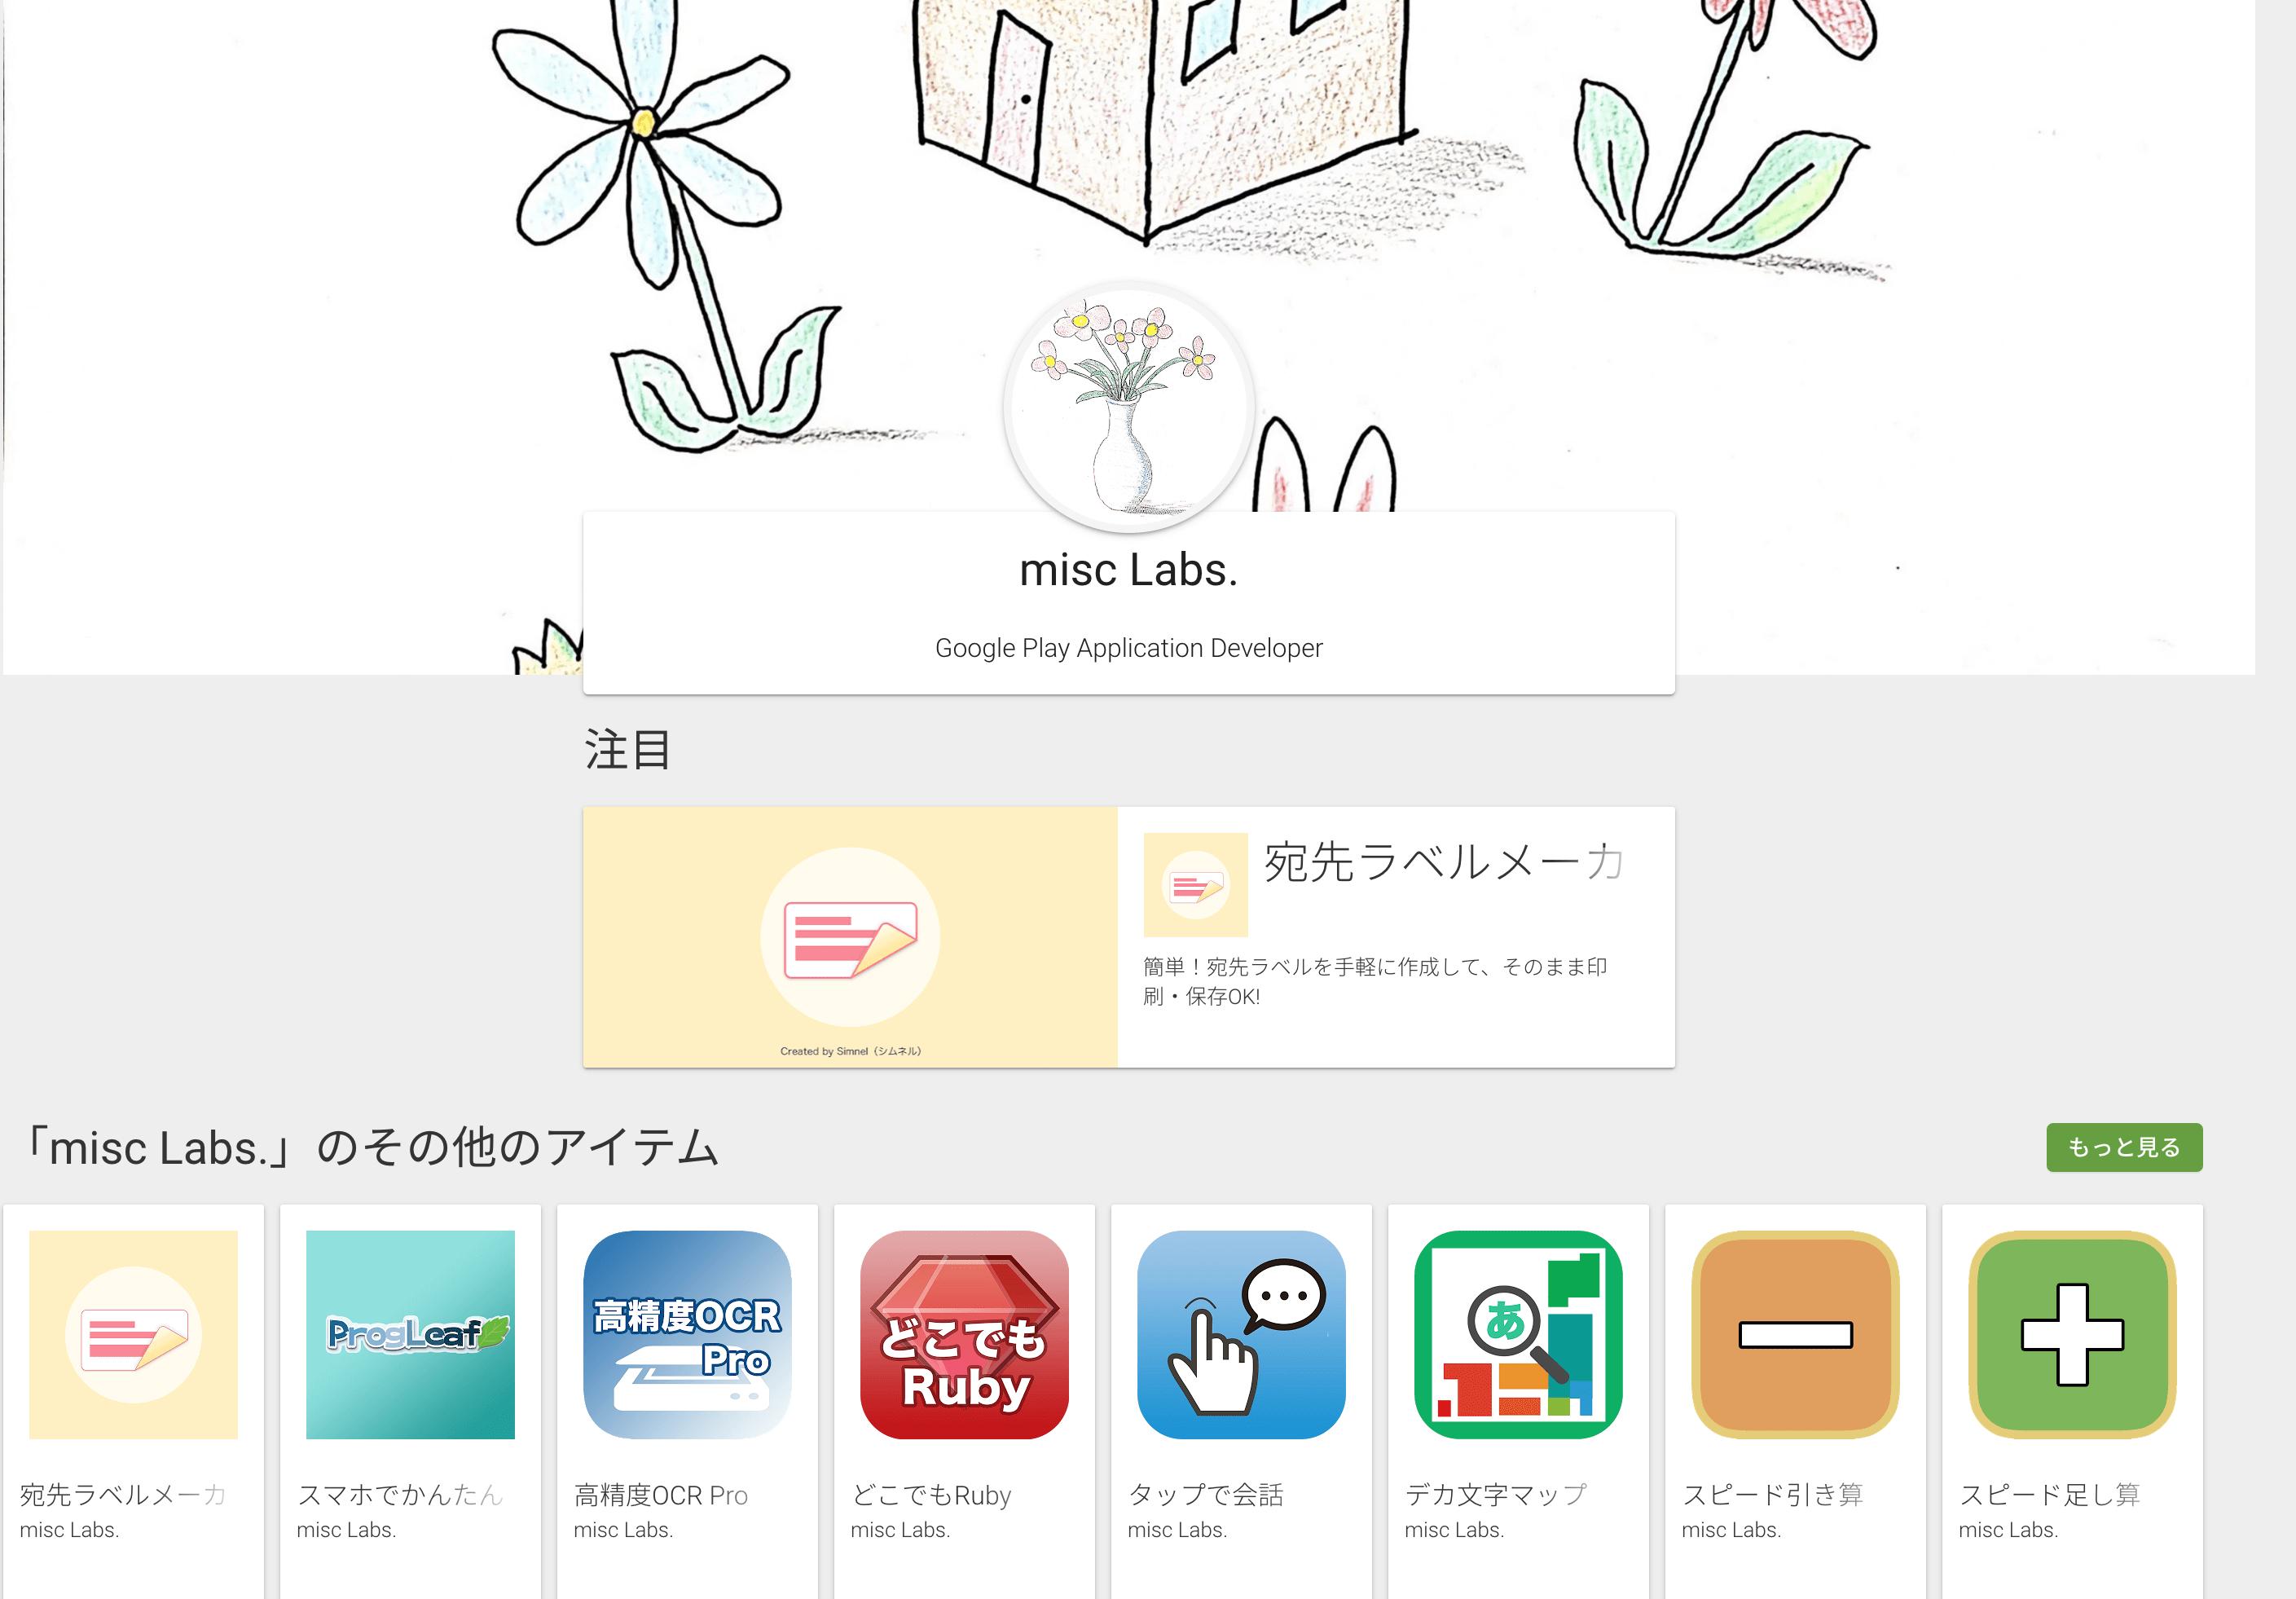 旧Androidアプリを再公開しました。